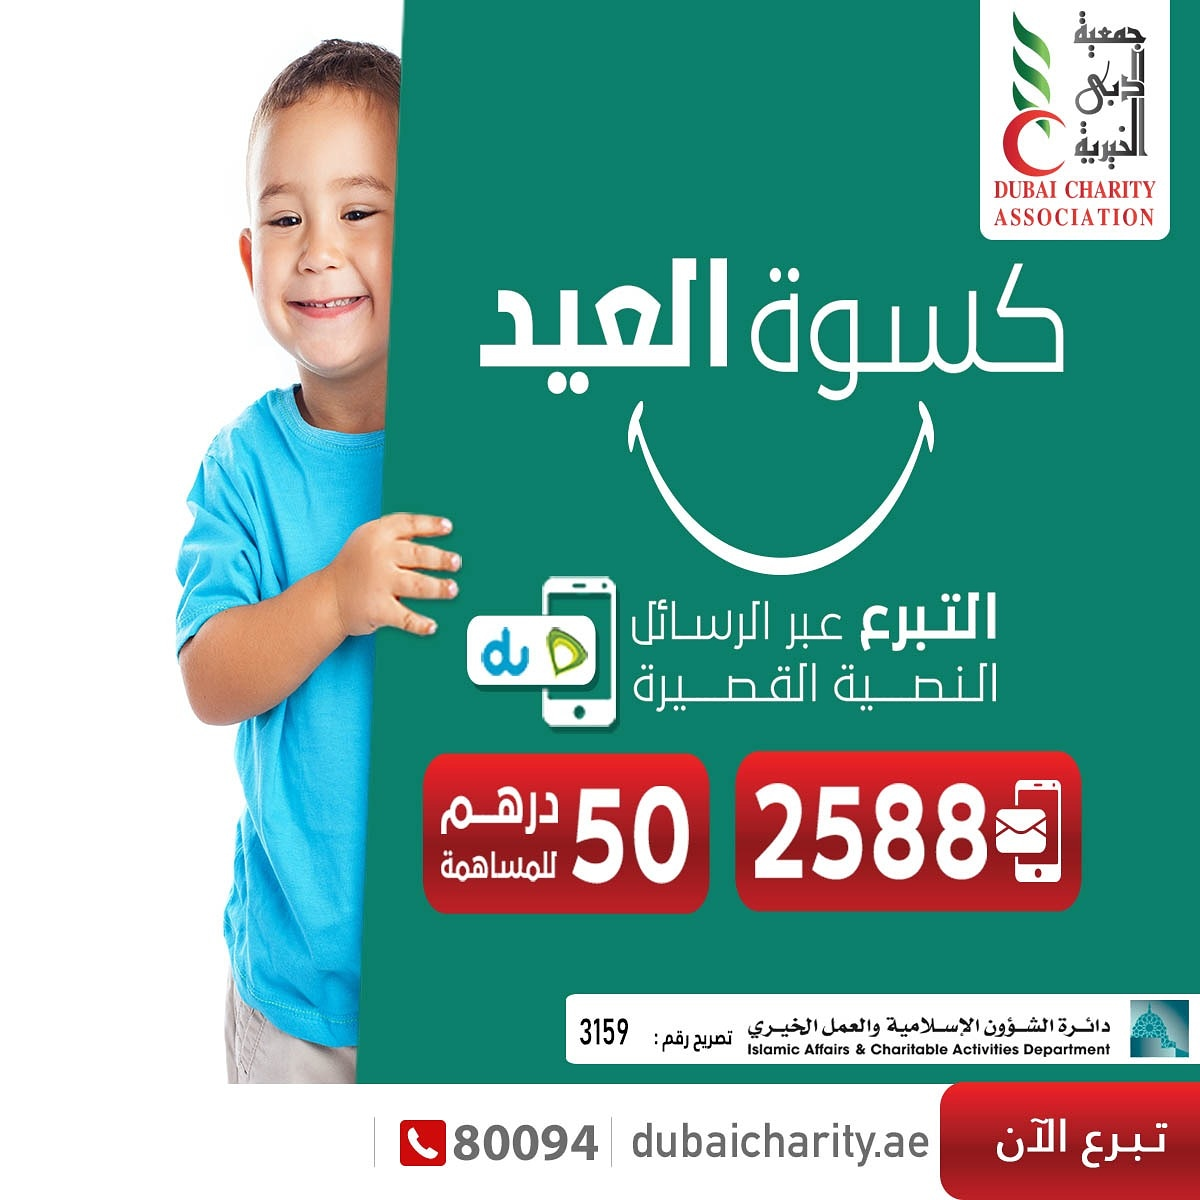 جمعية دبي الخيرية Dubaicharityuae Twitter